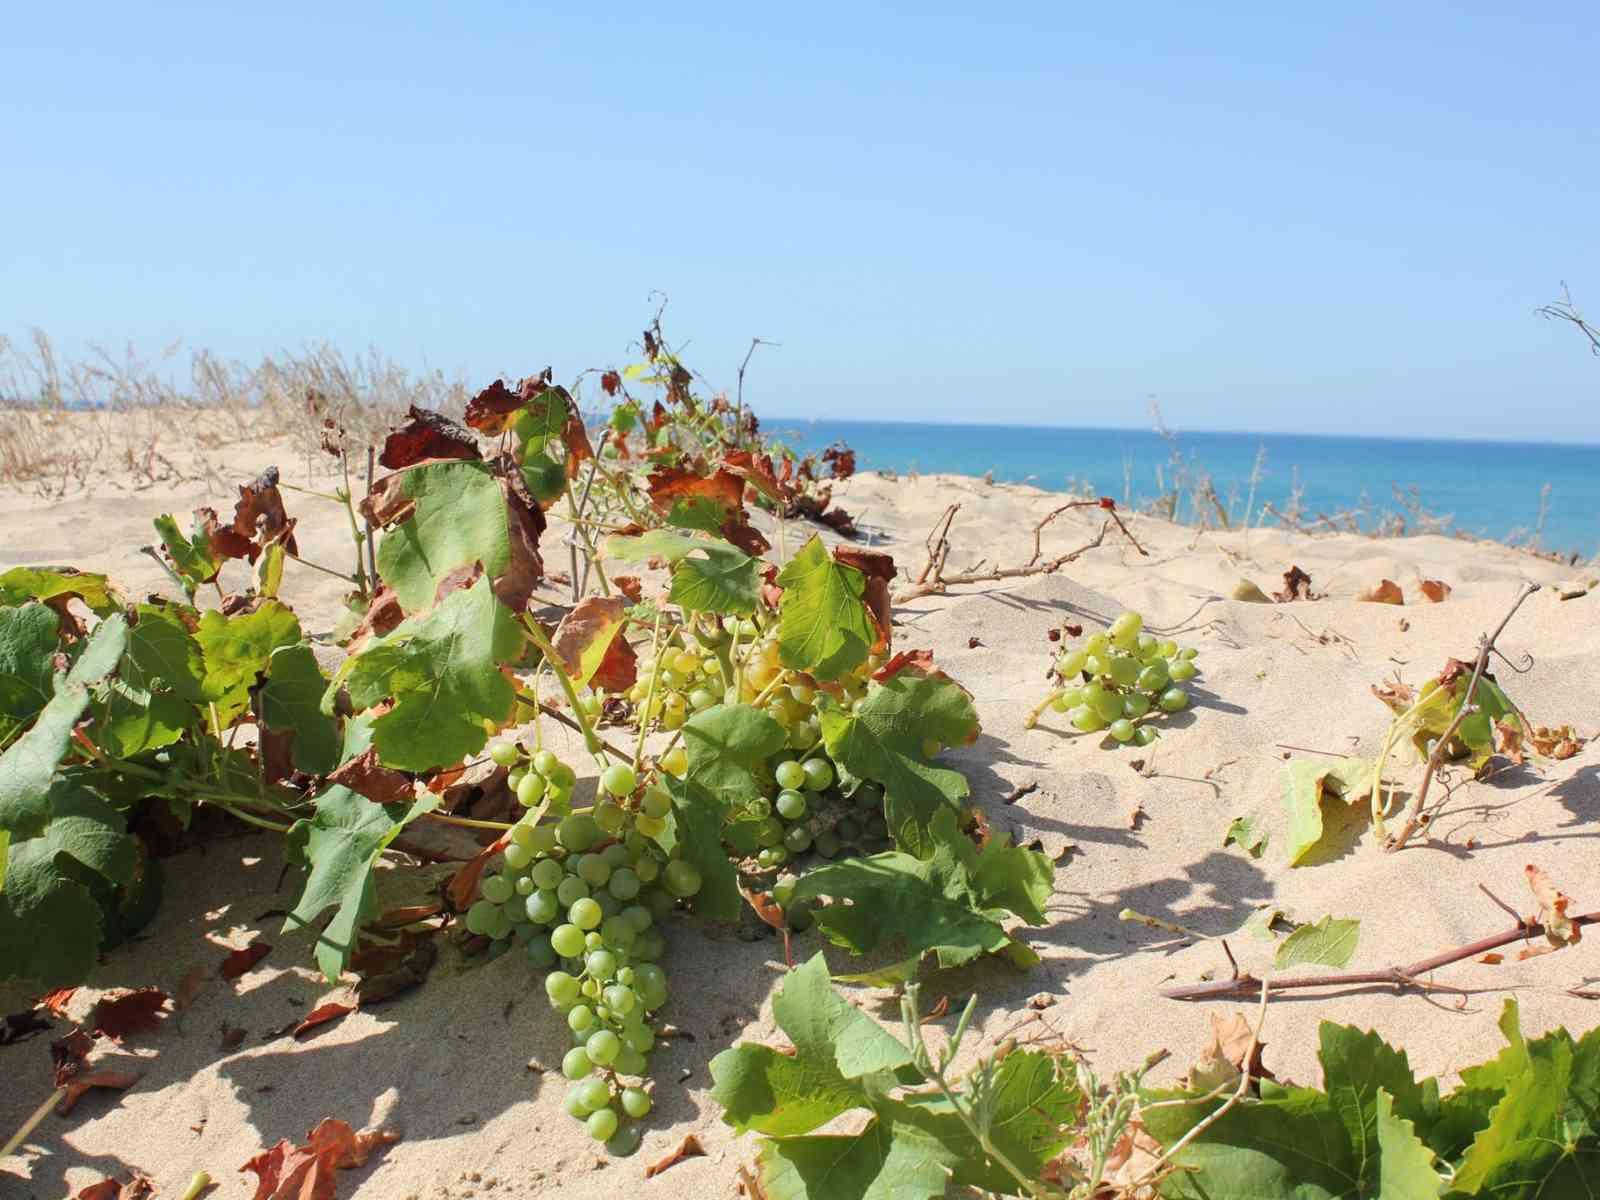 Meraviglie della natura: a Menfi l'uva cresce perfino in spiaggia